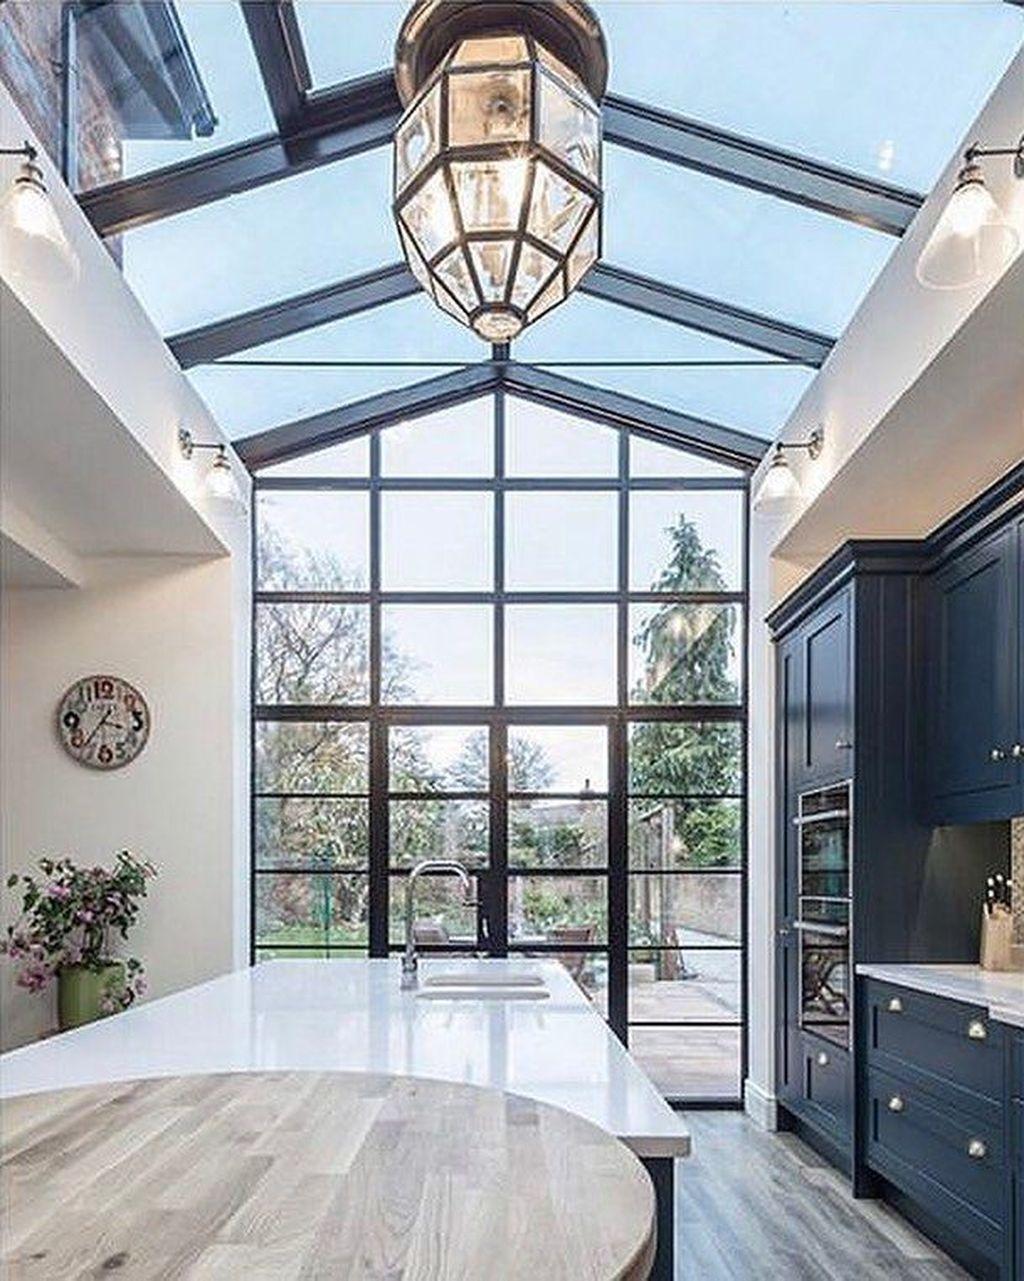 Inspiring Conservatory Kitchen Design Ideas 17